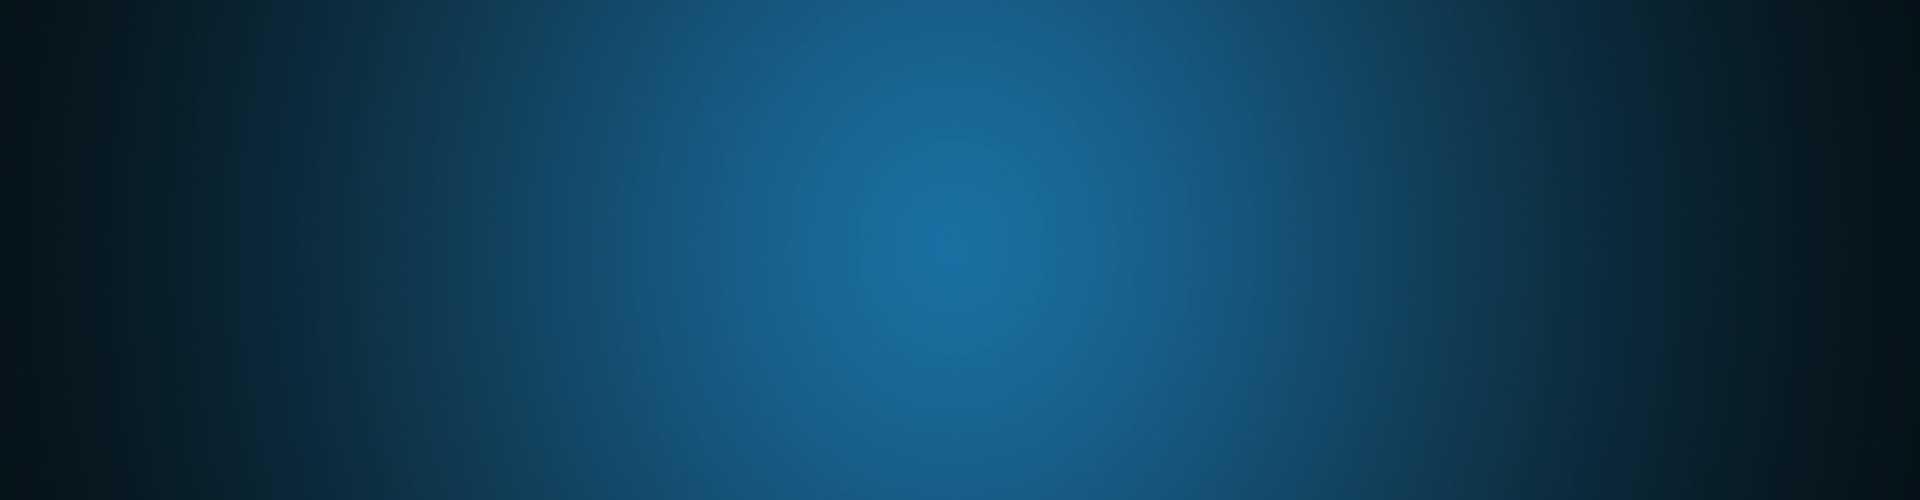 dark-blue-bg